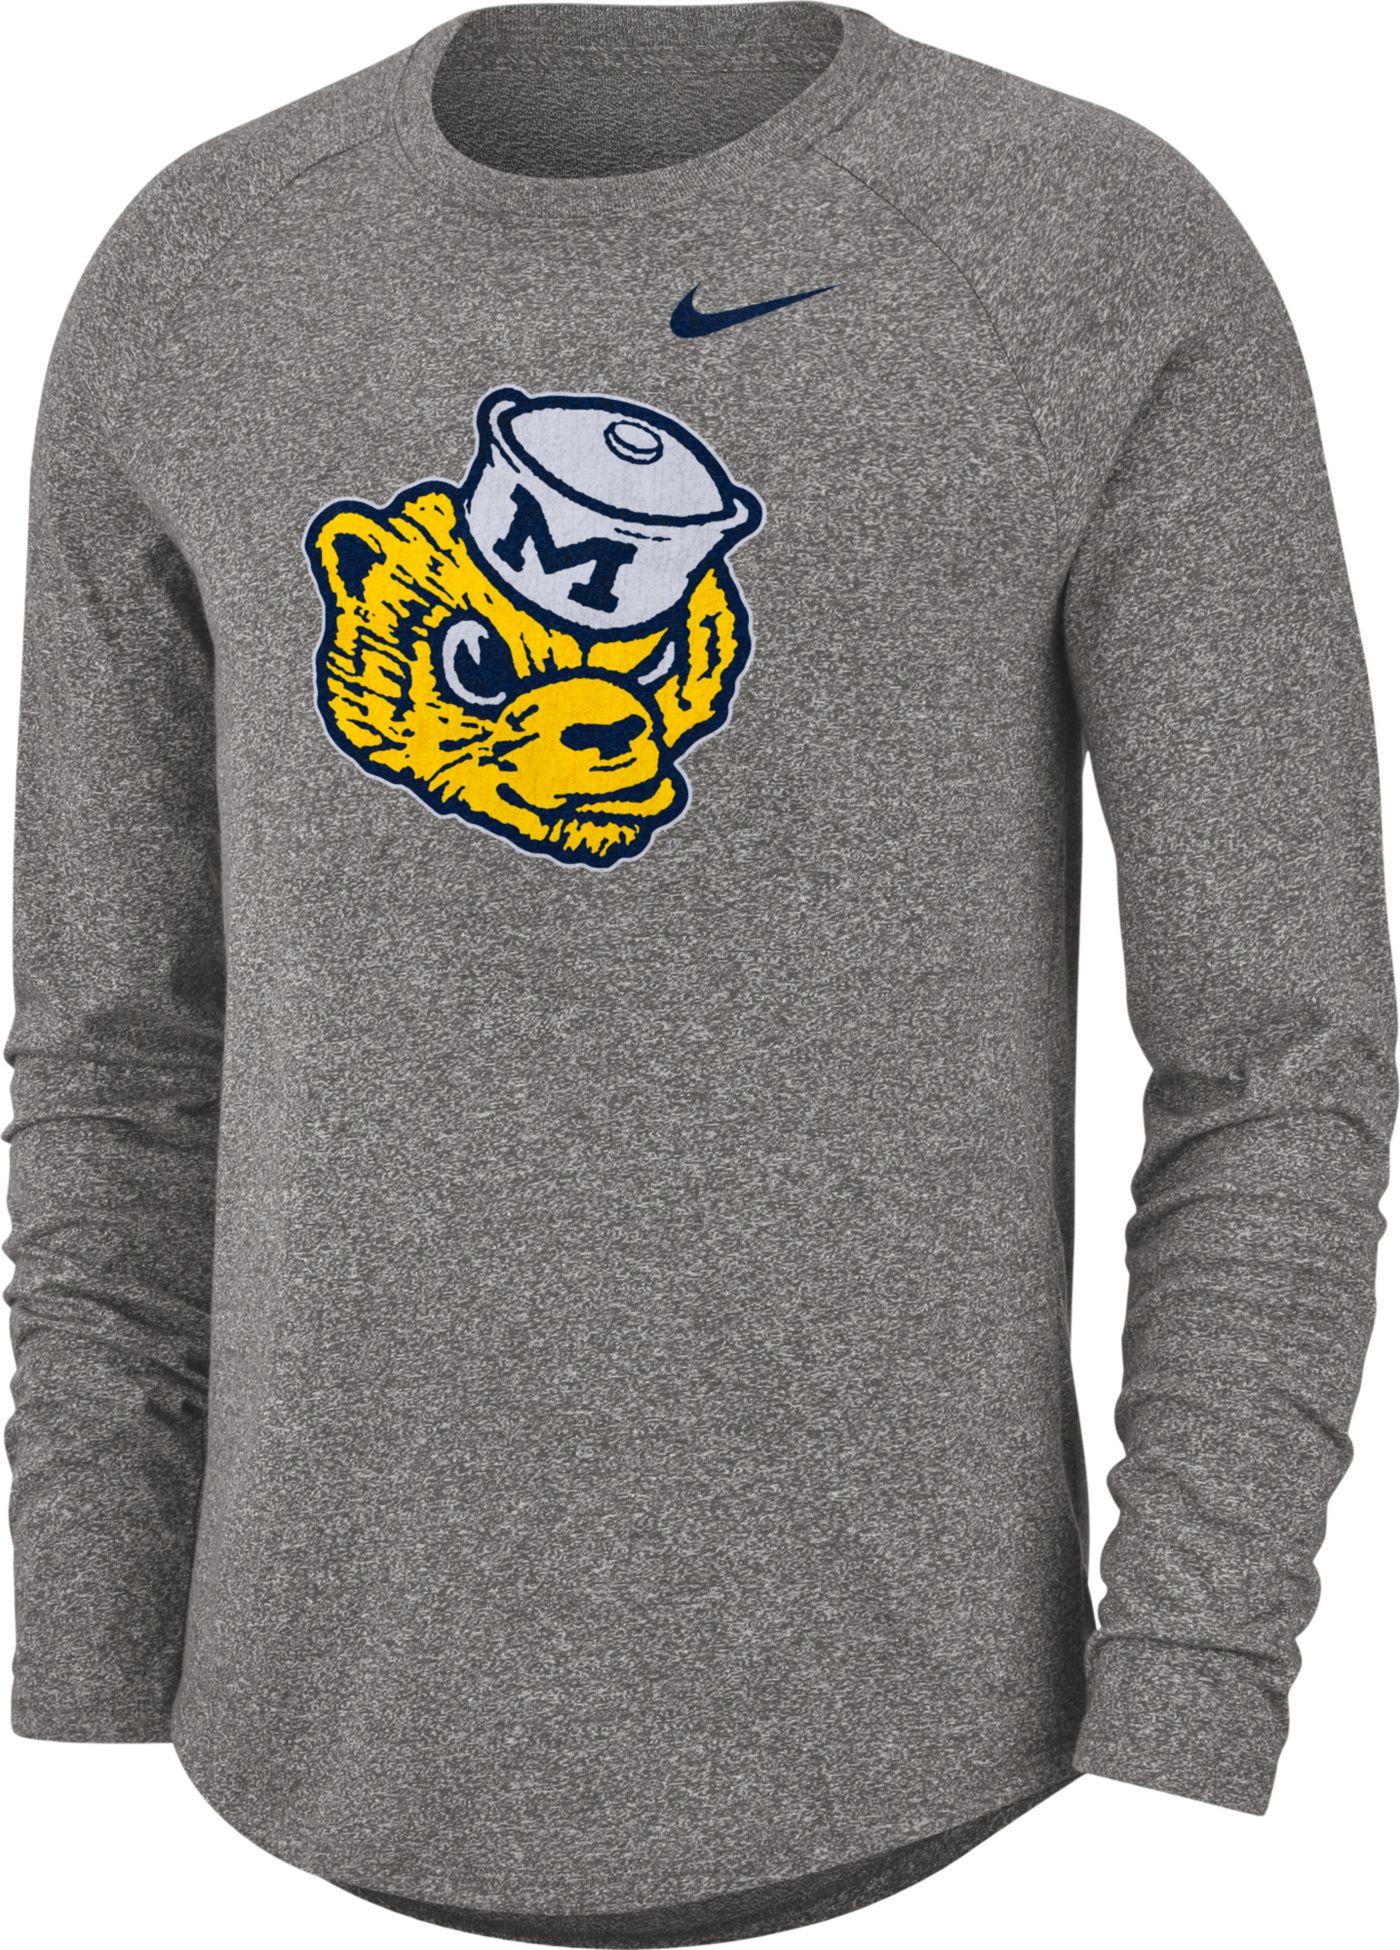 Nike Men's Michigan Wolverines Grey Marled Raglan Long Sleeve T-Shirt